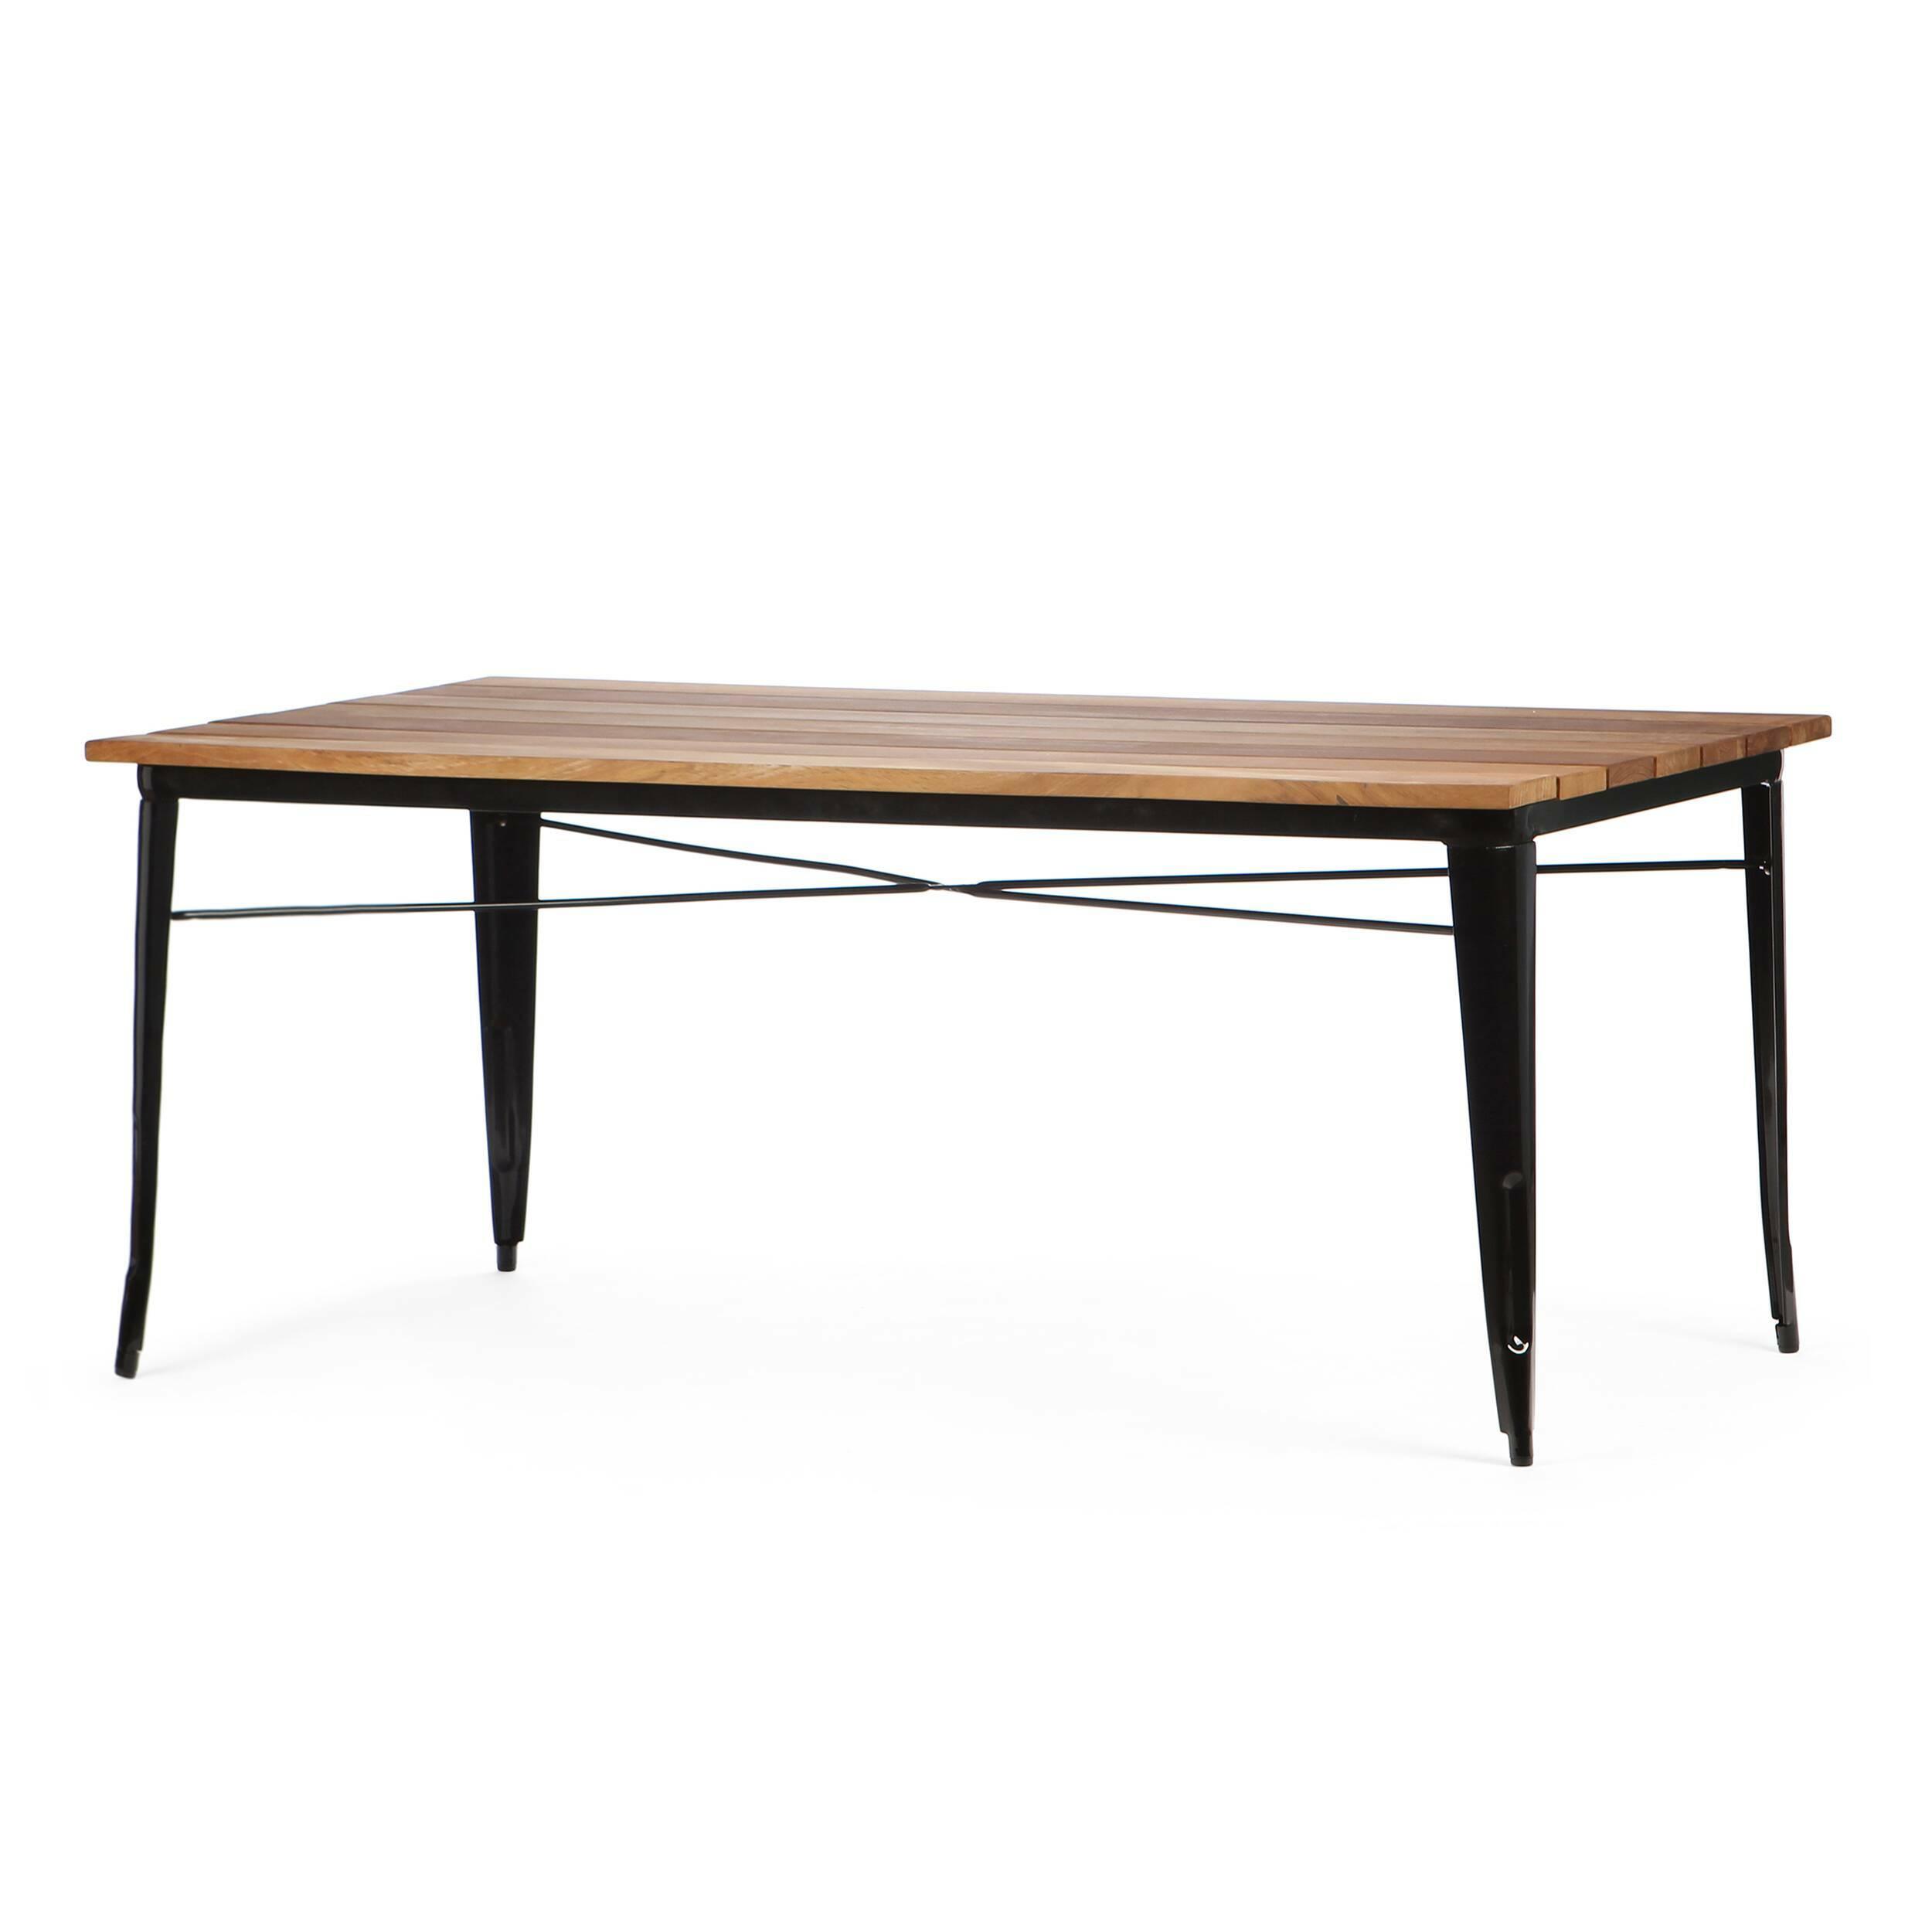 Обеденный стол Marais длина 190Обеденные<br>Дизайнерская длинный легкий обеденный стол Marais (Марейс) длина 190 с металлическим каркасом и столешницей из массива тика от Cosmo (Космо).<br>         Если вы еще не слышали о коллекции мебели Marais, то сообщаем, что это линейка мебели, состоящая из различных столов, кресел и стульев, которая с момента своего создания в тридцатых годах успела стать современной классикой. Ее дизайнер изначально трудился над созданием мебели для заводов и фабрик. Но дизайн так понравился потребителю, что со в...<br><br>stock: 0<br>Высота: 73<br>Ширина: 90<br>Длина: 190<br>Цвет ножек: Черный<br>Цвет столешницы: Коричневый<br>Материал столешницы: Массив тика<br>Тип материала столешницы: Дерево<br>Тип материала ножек: Сталь